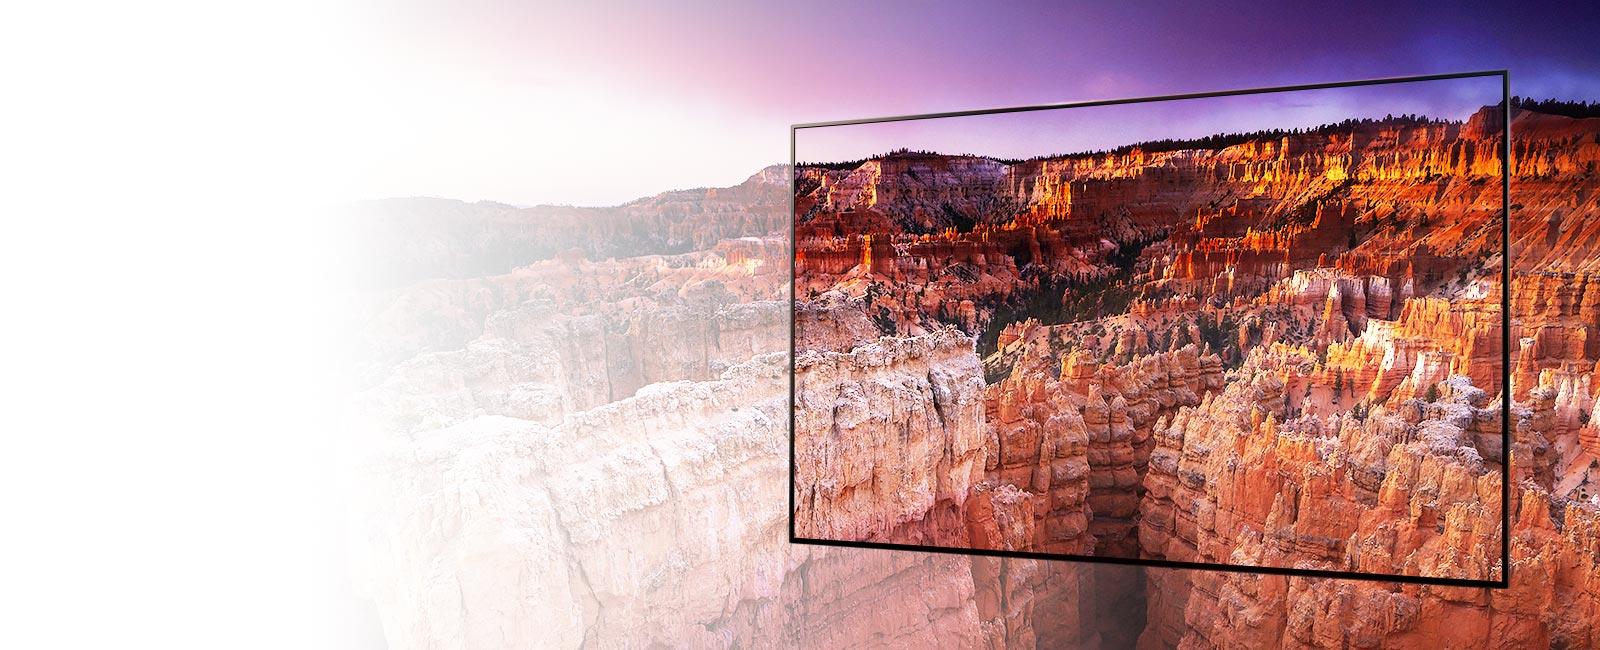 «Рамка, запечатлевшая пейзаж национального парка Брайс-Каньон»